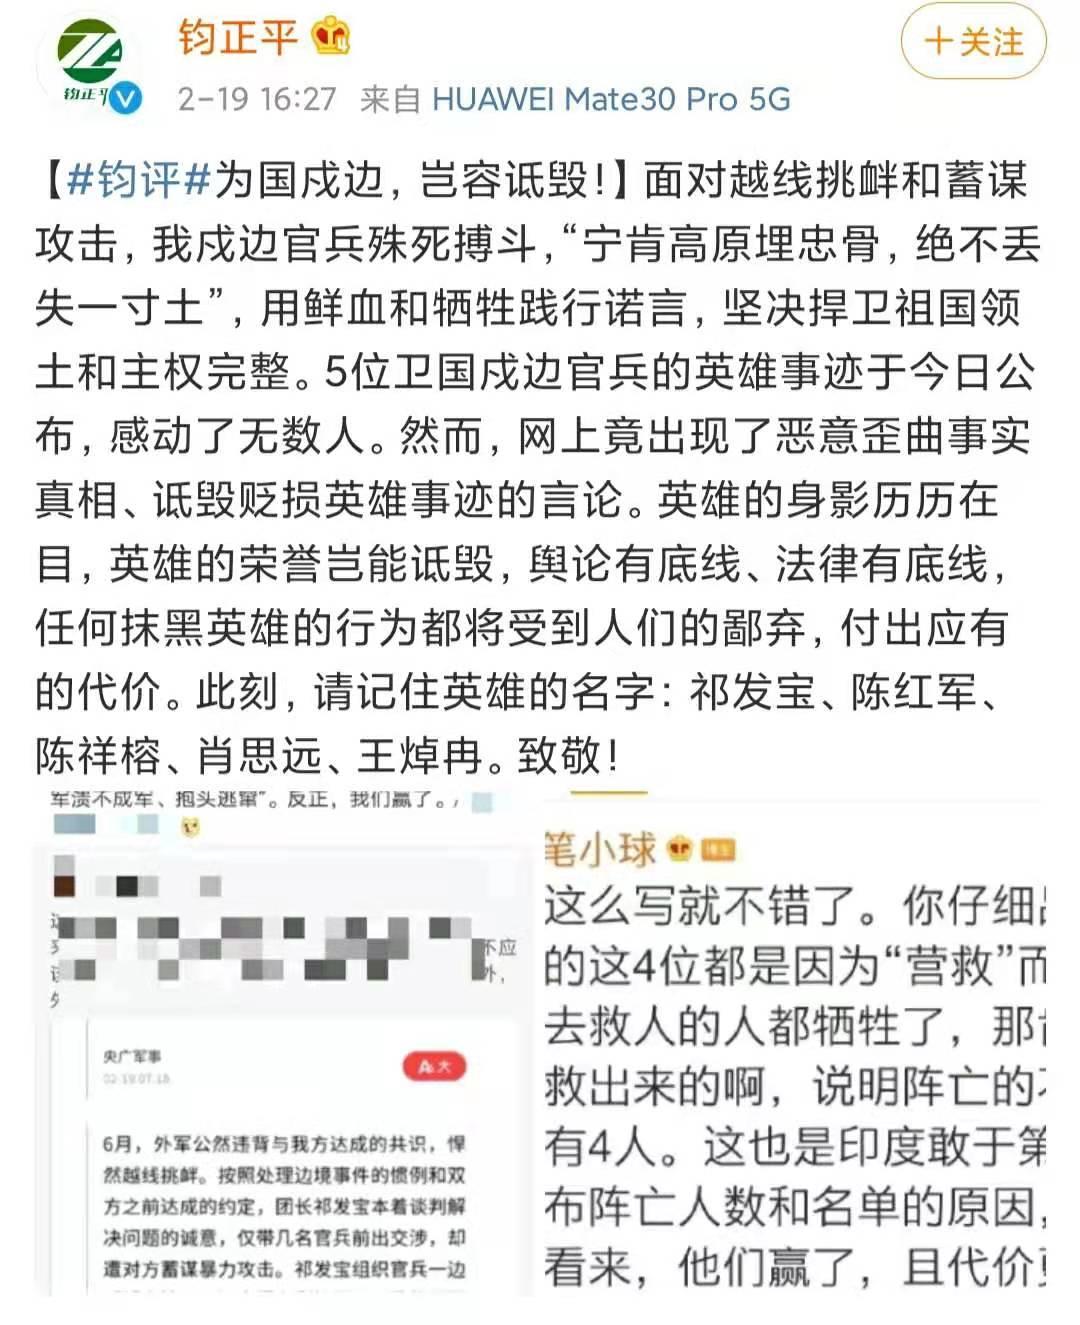 英烈不容亵渎!!一网民发帖诋毁5名卫国戍边英雄被刑拘(图13)